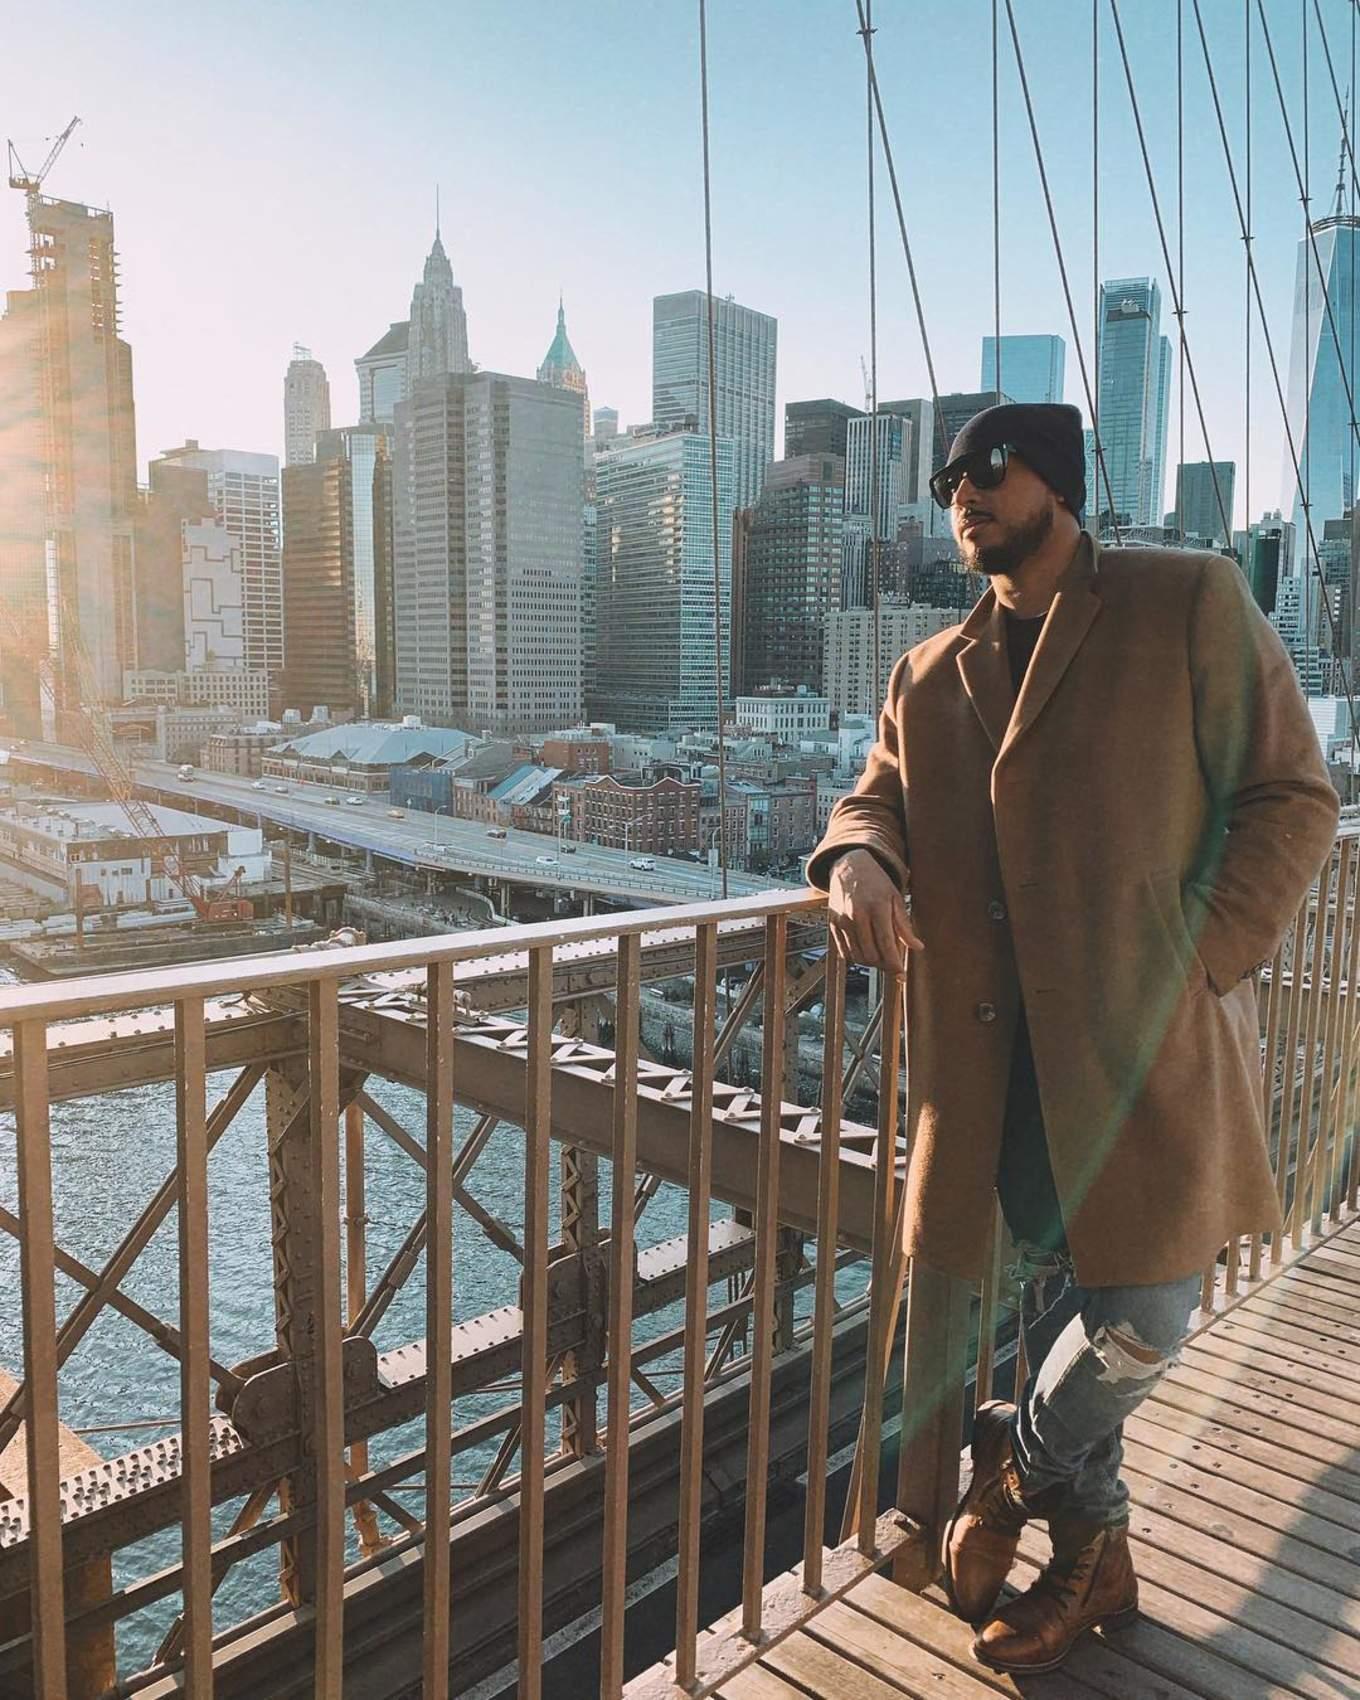 brooklyn-bridge-nyc1